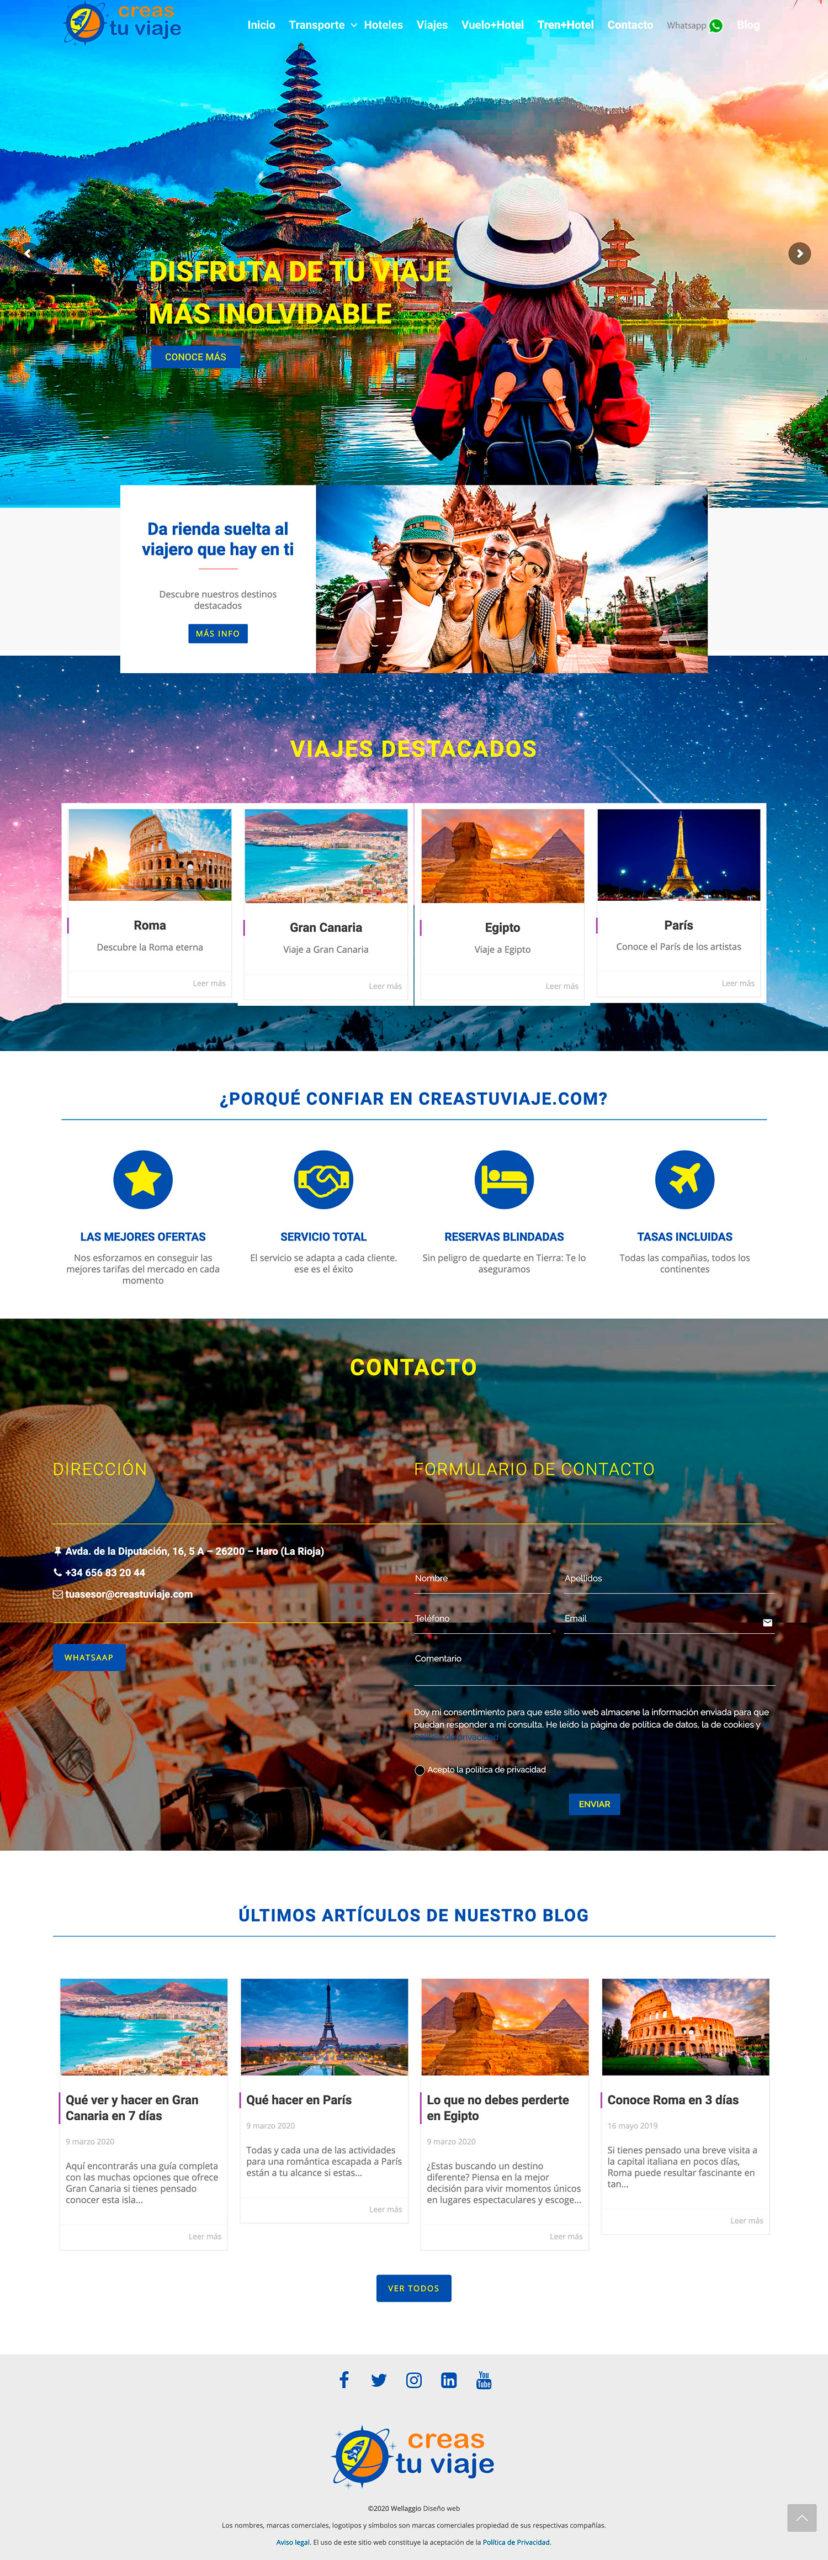 Diseño web Valencia | Diseño página web Creas tu Viaje